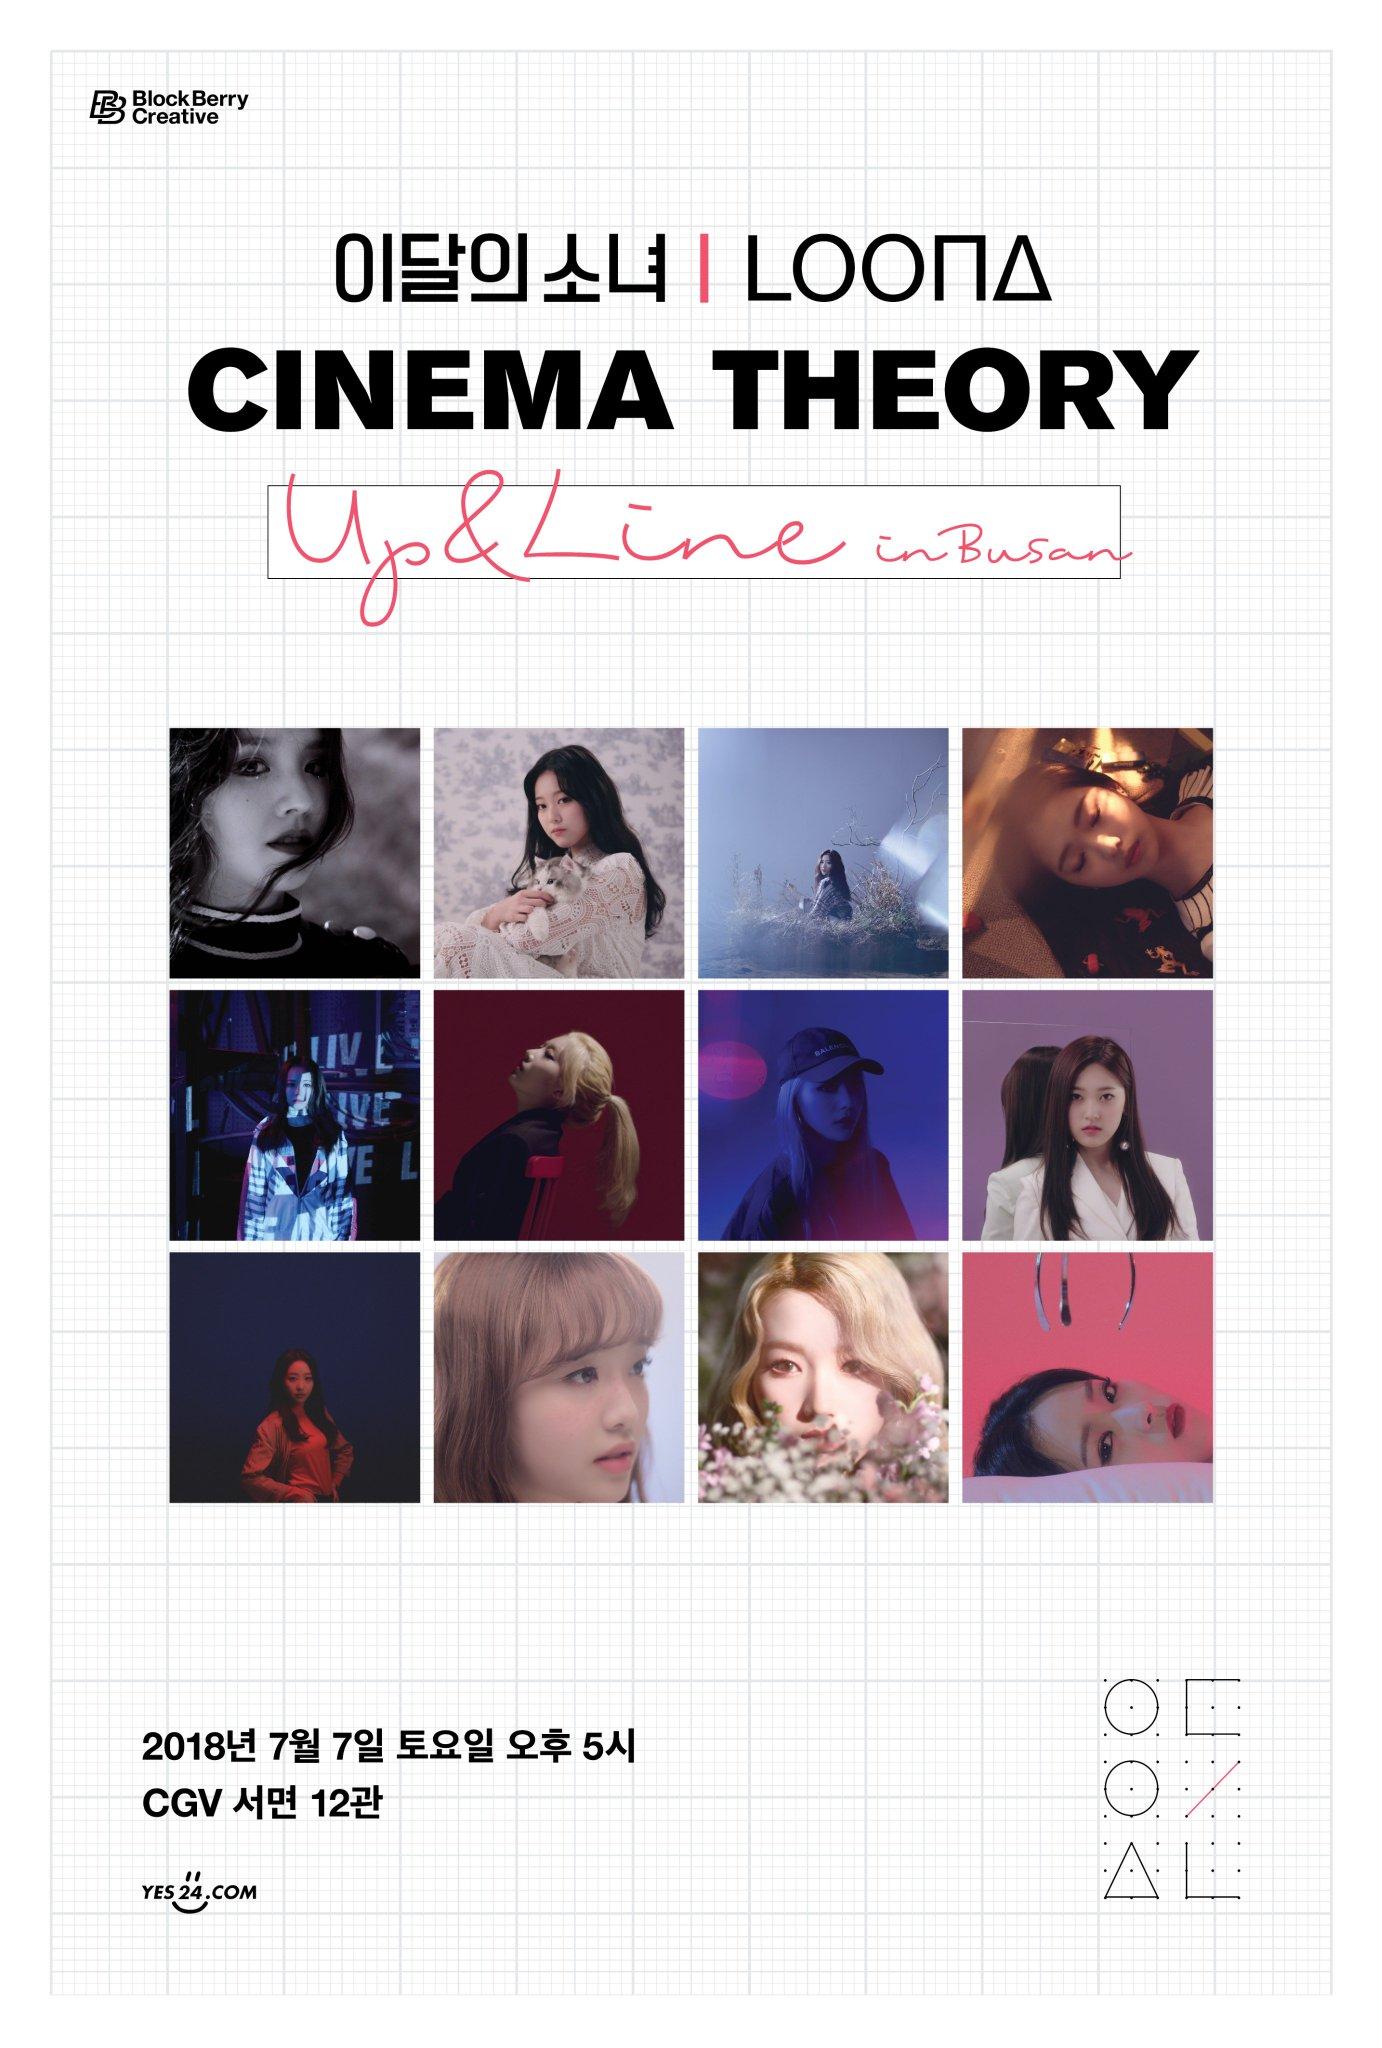 →リミ ■ユワ→ᄇネ↓ンリ →ᄃフ→ツᄄ! [ #↓ンᄡ→ヒᆲ↓ンリ↓ニフ→ナタ Cinema Theory : Up&Line]↓ンᄡ →ᄊタ↓ツᄚ↓ント ↓ᄚᄒ↓ユト↑ᄚム→ヒネ→ヒᄂ゚リニ゚メユ ¬ヨᄊᄌマ https://t.co/2xWb6niQUe #LOONA https://t.co/RrI9tXuMqv